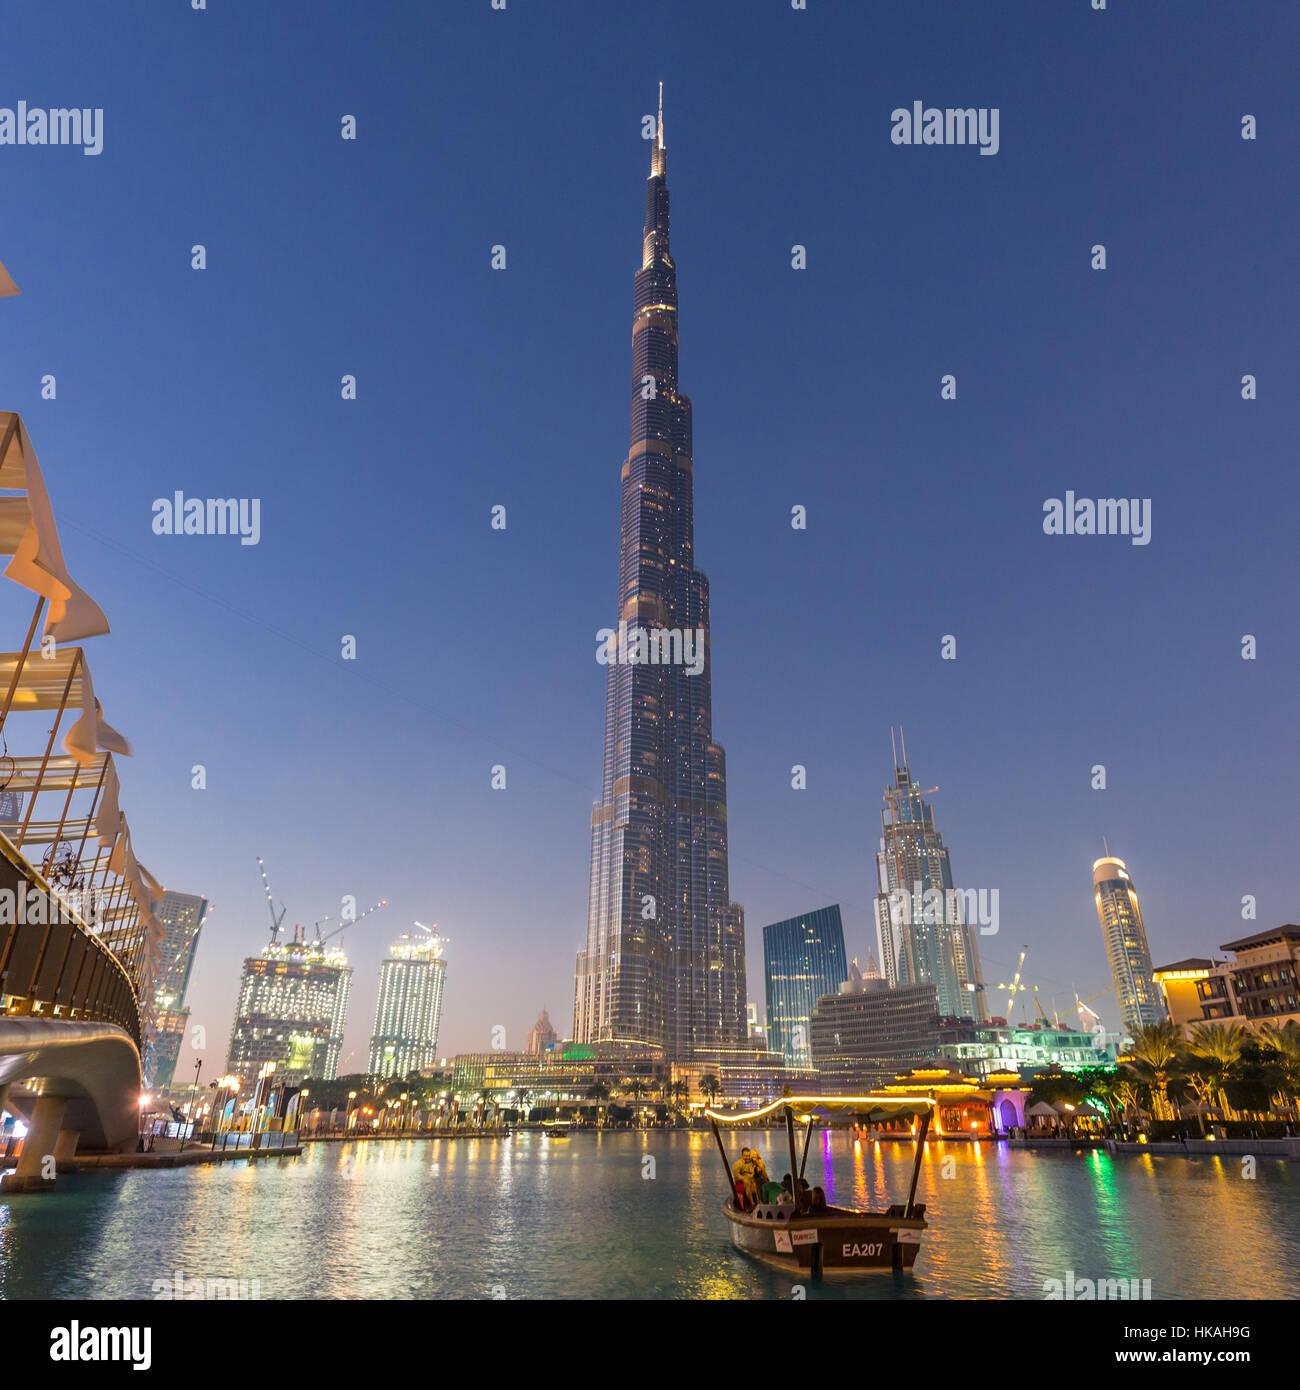 Burj Khalifa, le plus haut gratte-ciel du monde à Dubaï, Émirats arabes unis. Photo Stock